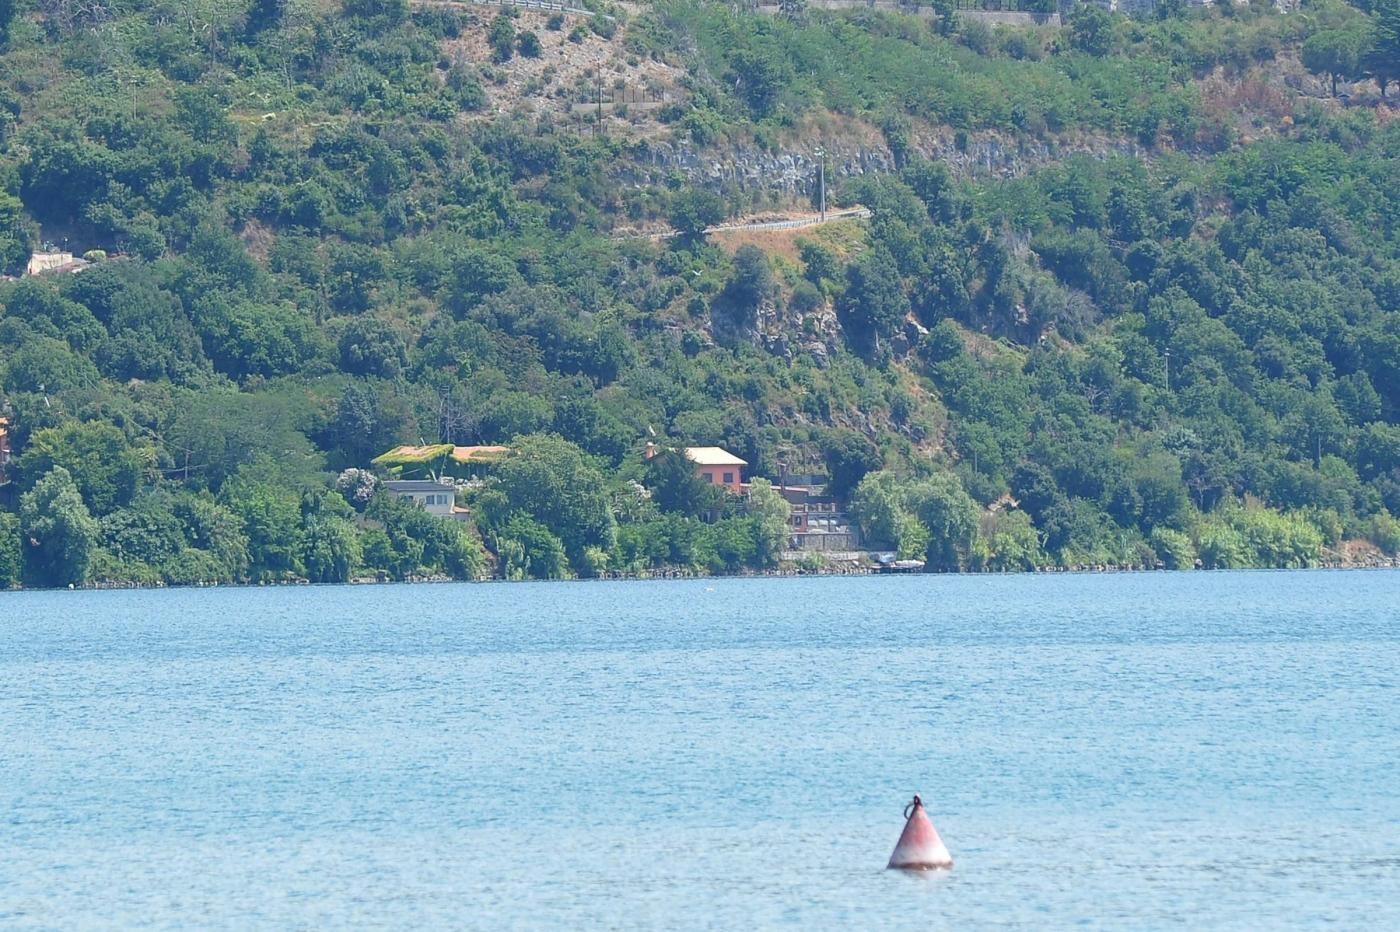 Bolle e prurito dopo il bagno nel lago di castel gandolfo la sindaca rassicura colpa delle - Prurito dopo bagno in piscina ...